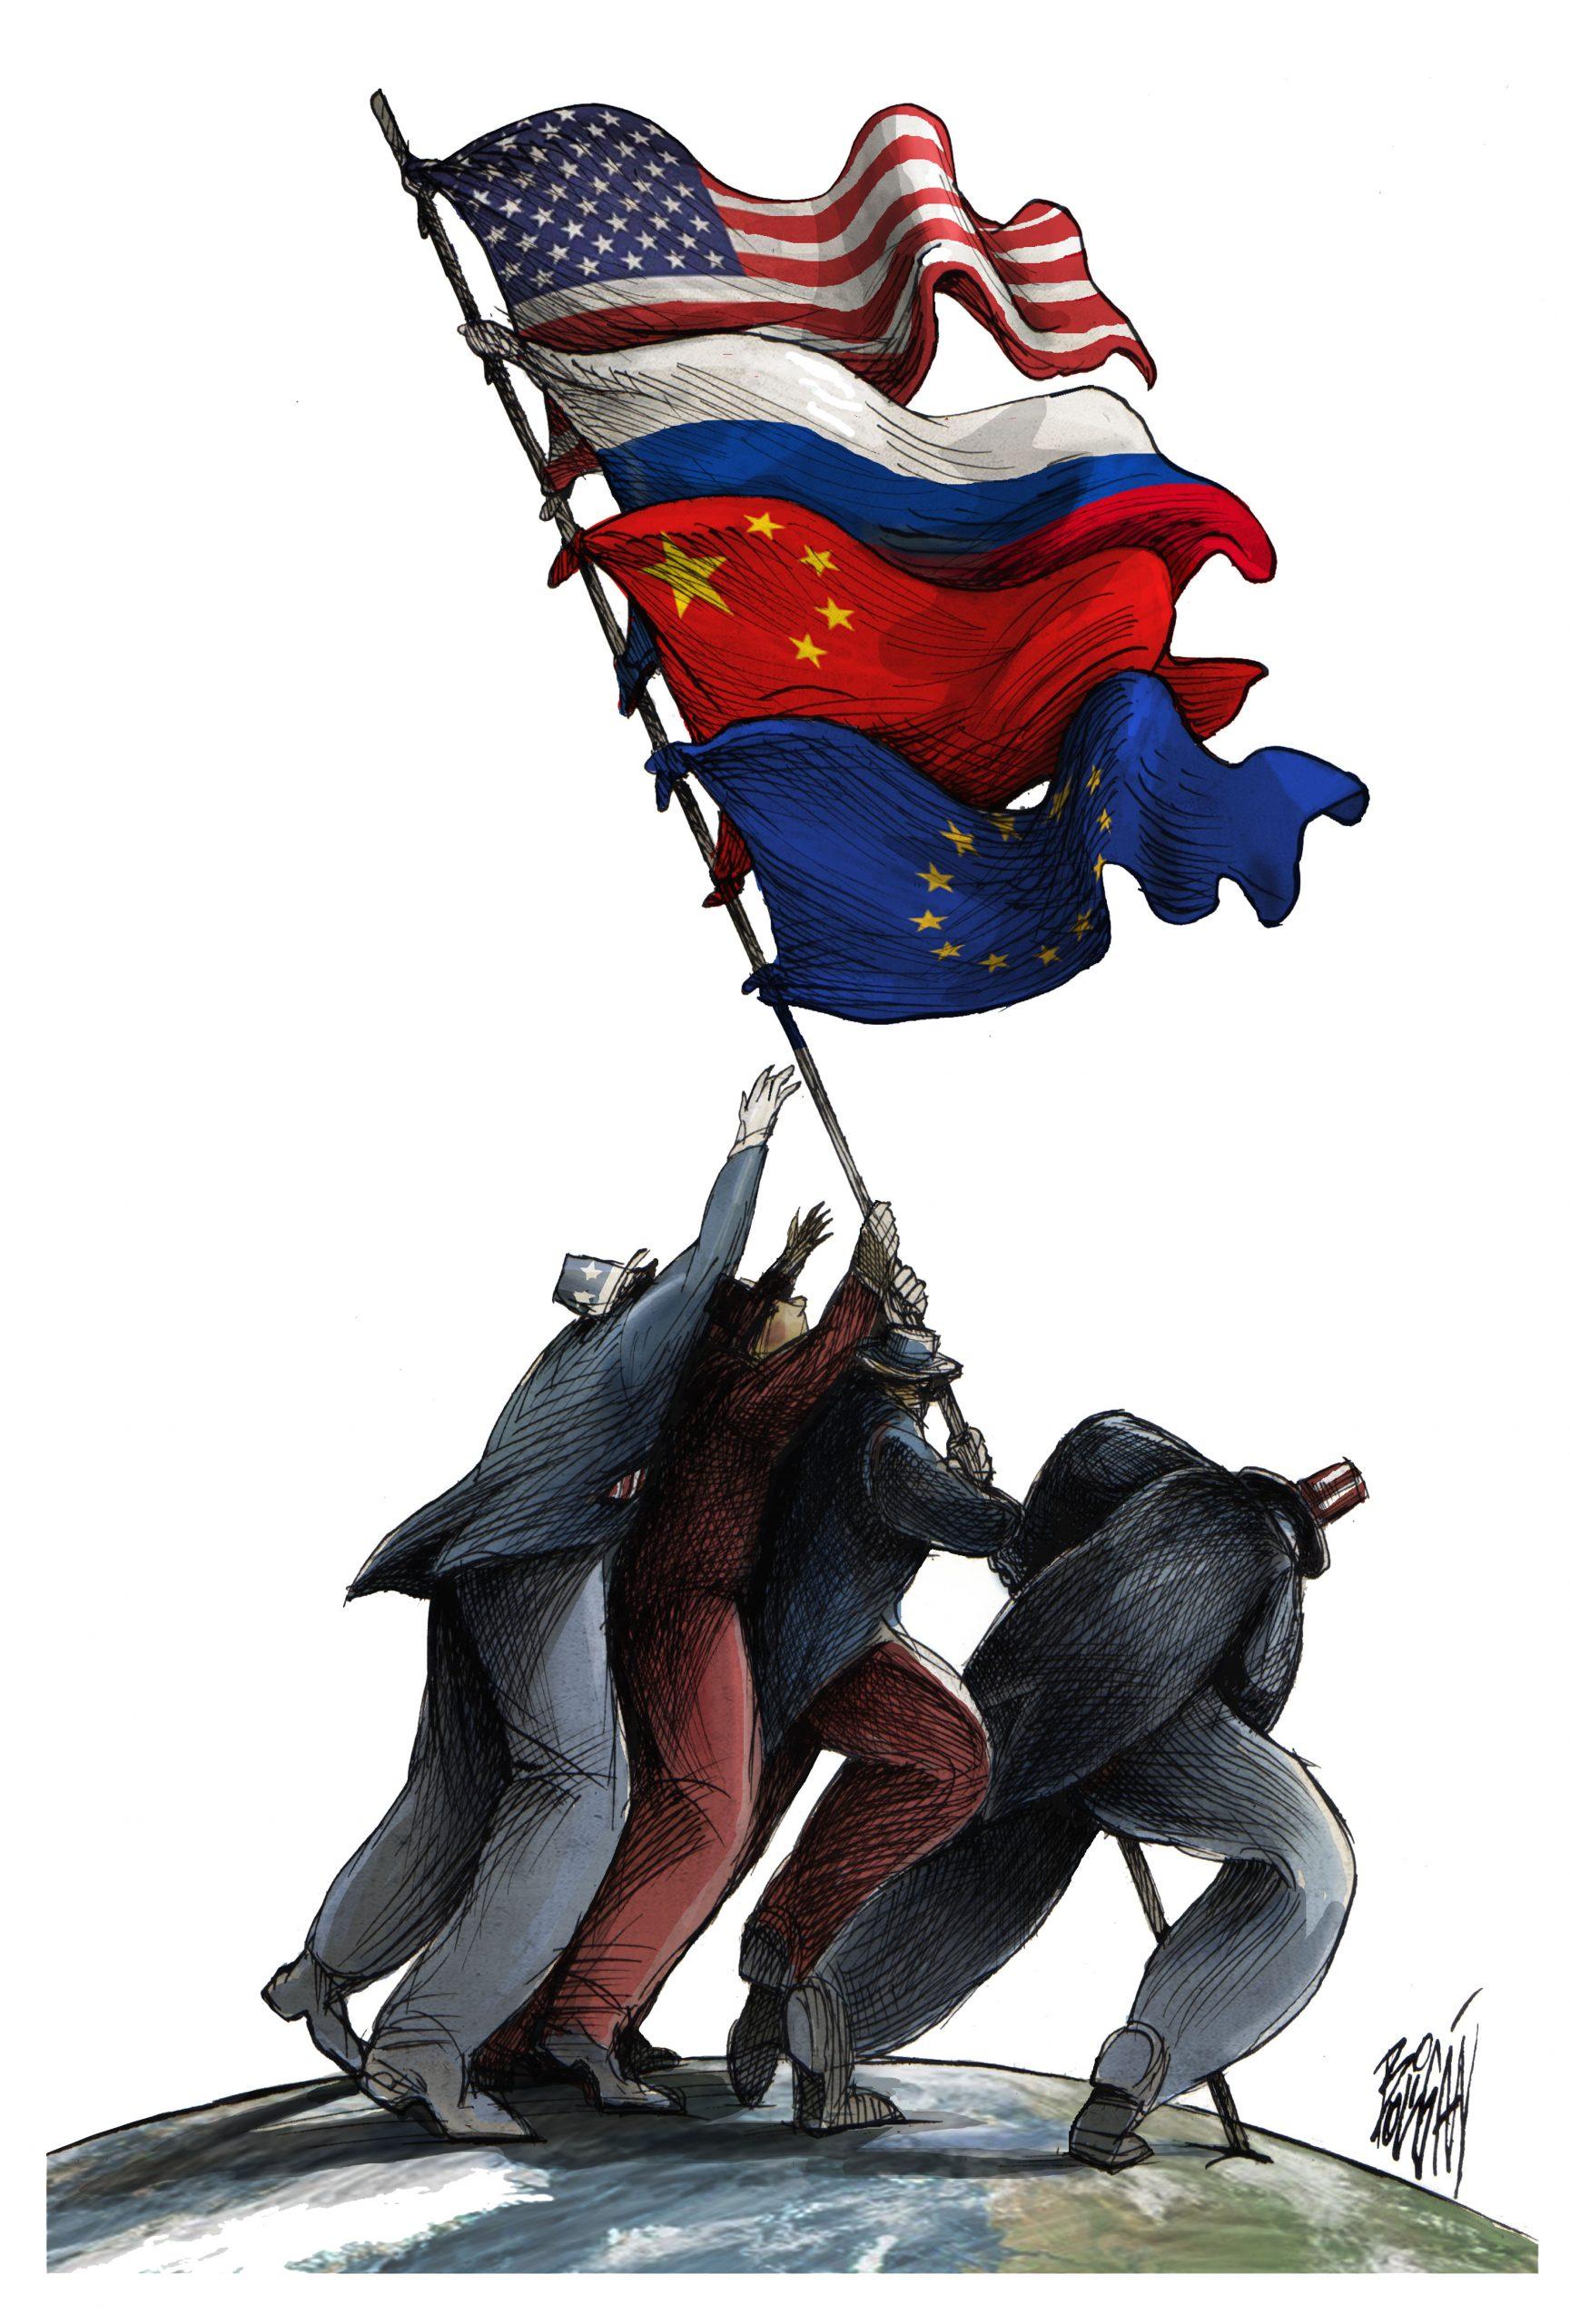 La política imperialista hacia América Latina y el mundo Por José A. Amesty R. | Agencia ALAI, Ecuador